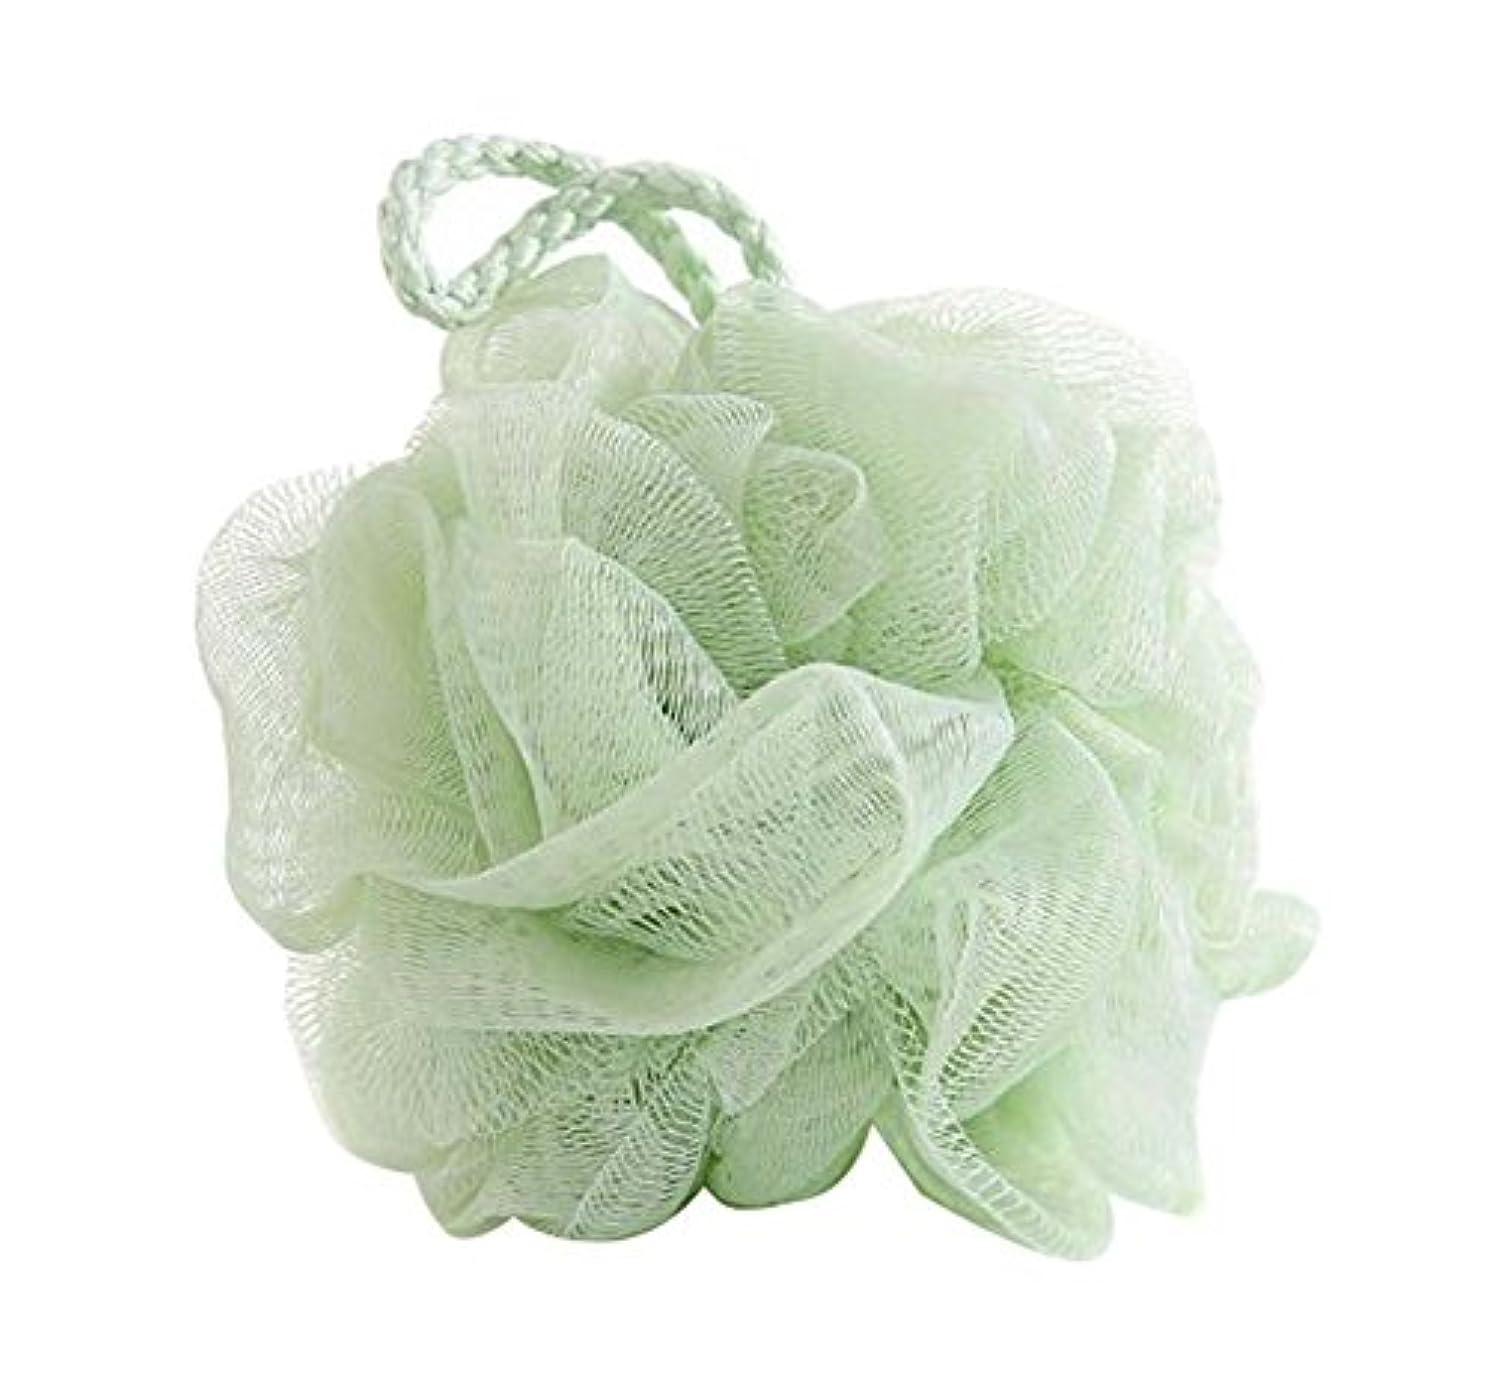 衣服窒素名前を作る柔らかいバスボール美しいラビングバスタオル、グリーン